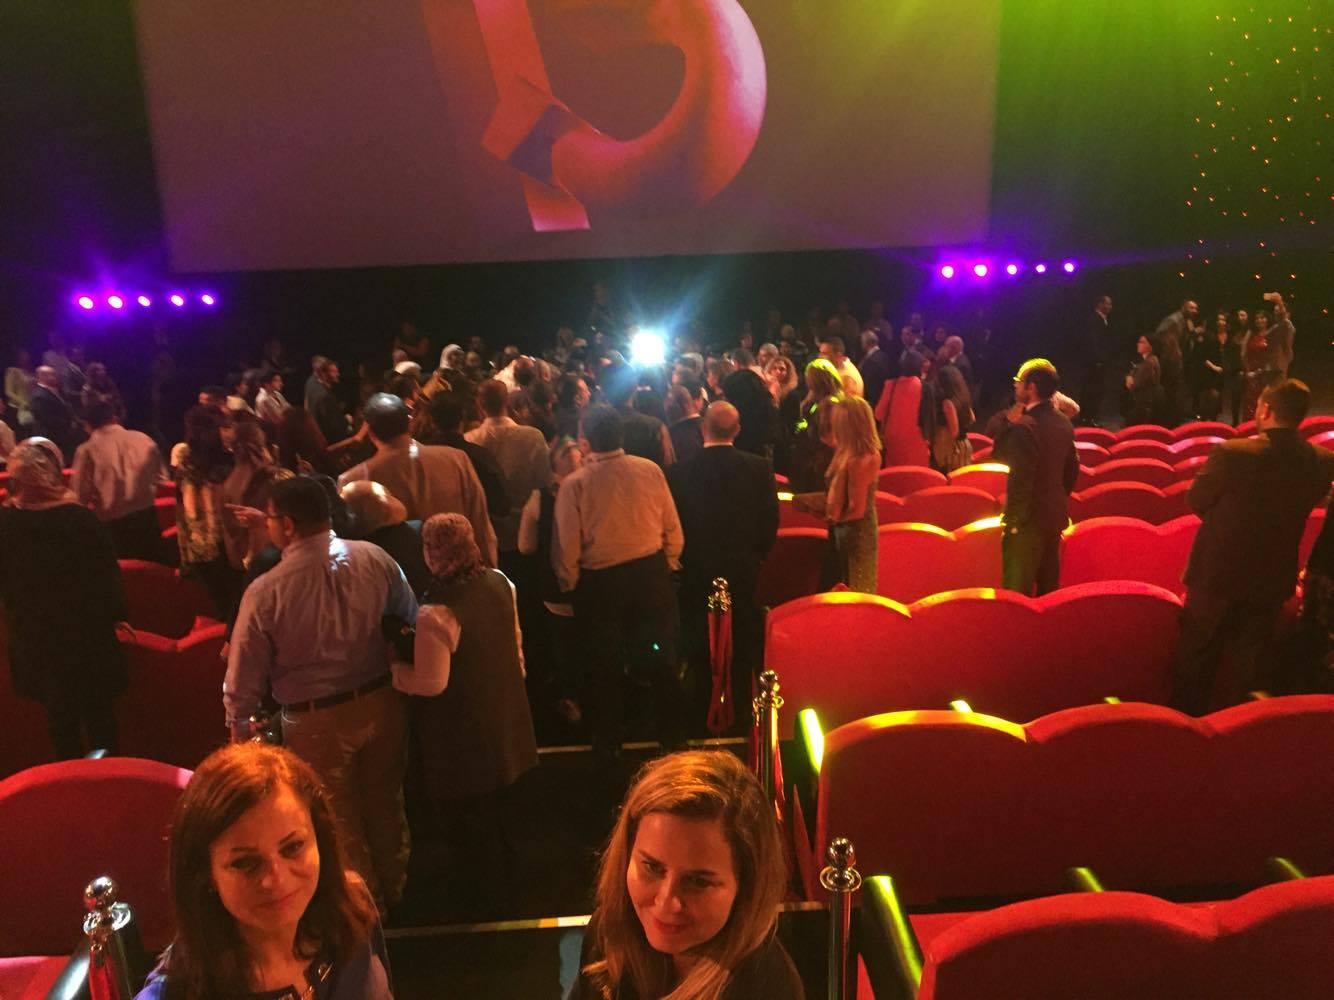 جانب من الحضور بعدعرض الفيلم بدقائٍق